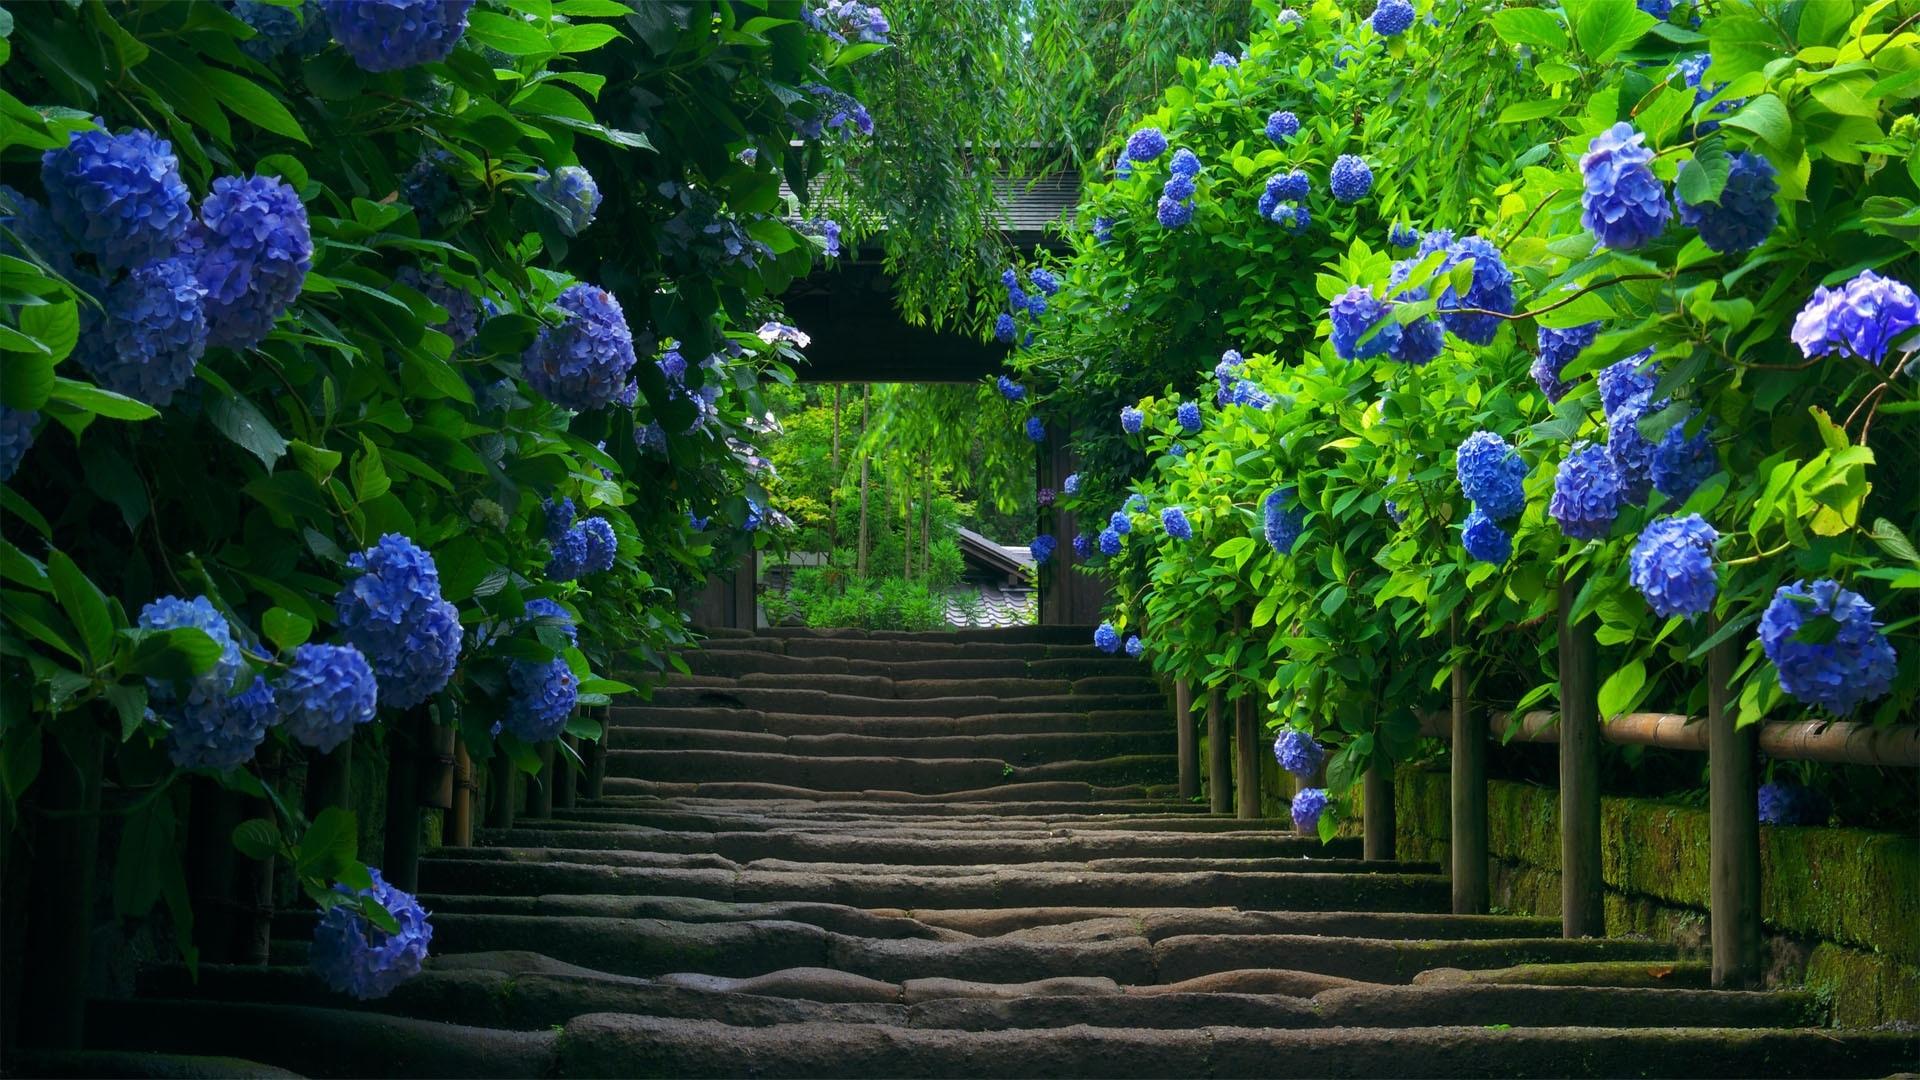 26230 Заставки и Обои Азия на телефон. Скачать Растения, Пейзаж, Цветы, Азия картинки бесплатно